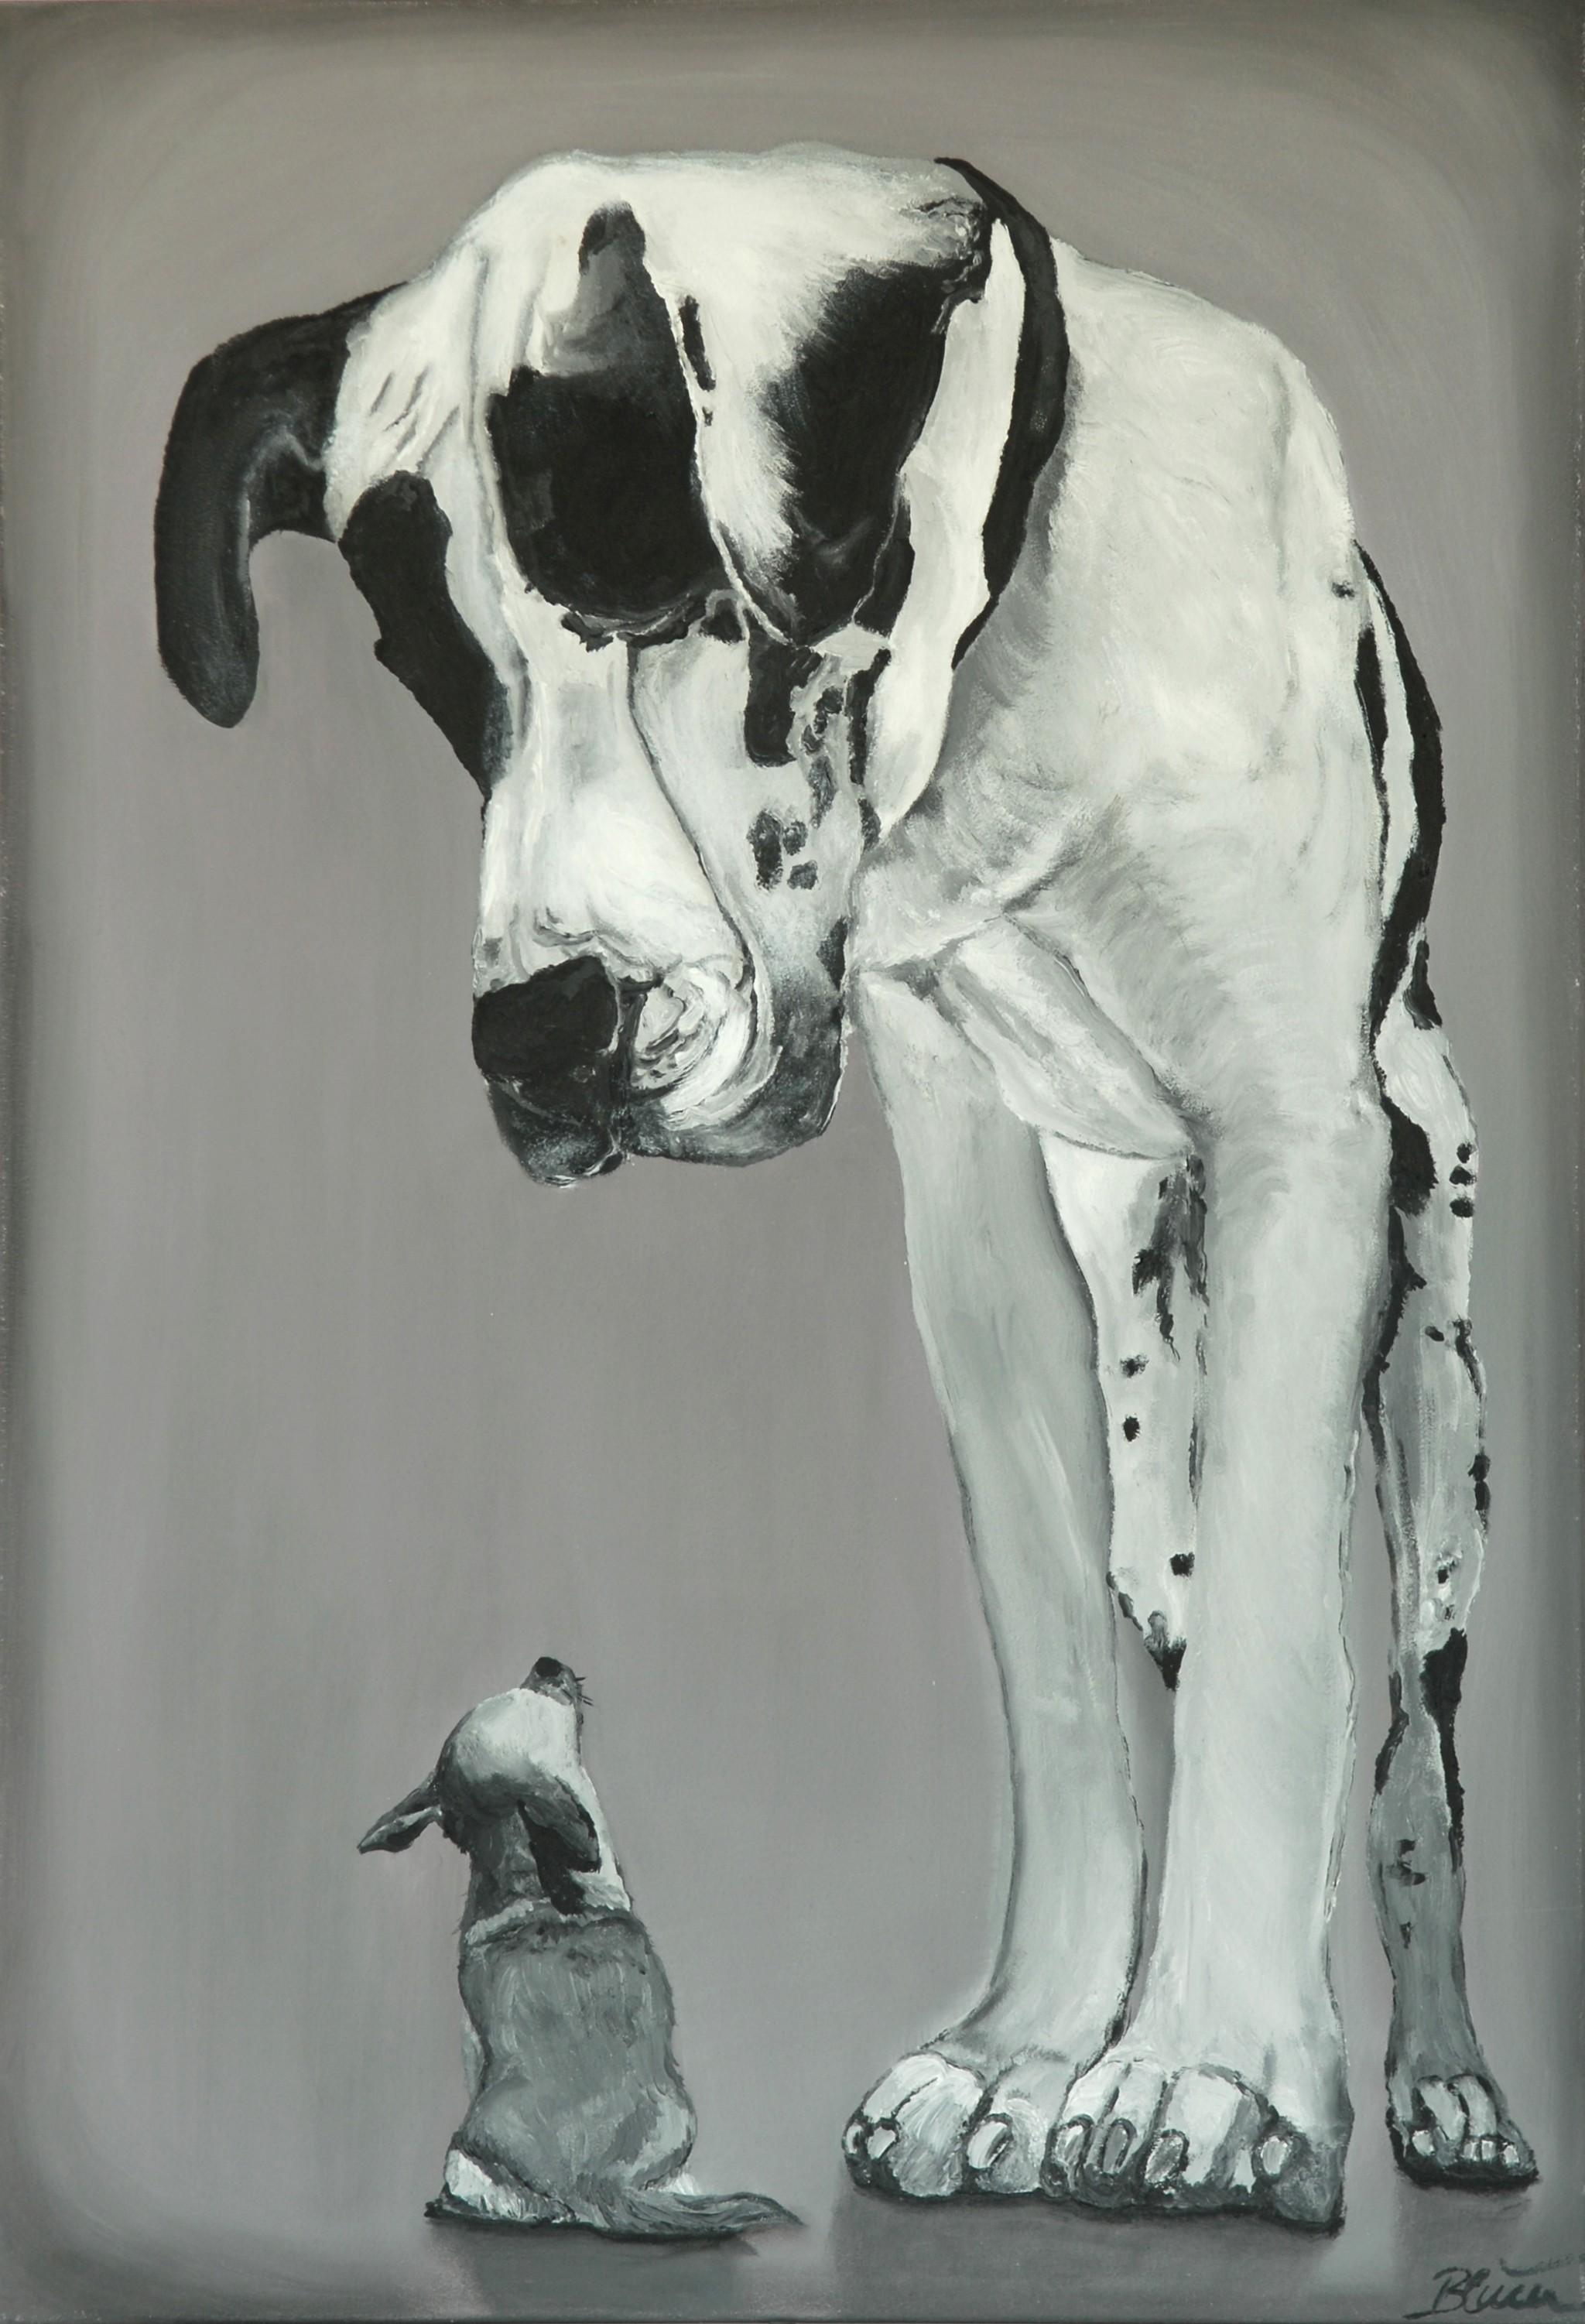 Friends, 2013, Öl/Leinwand, 100 x 70 cm